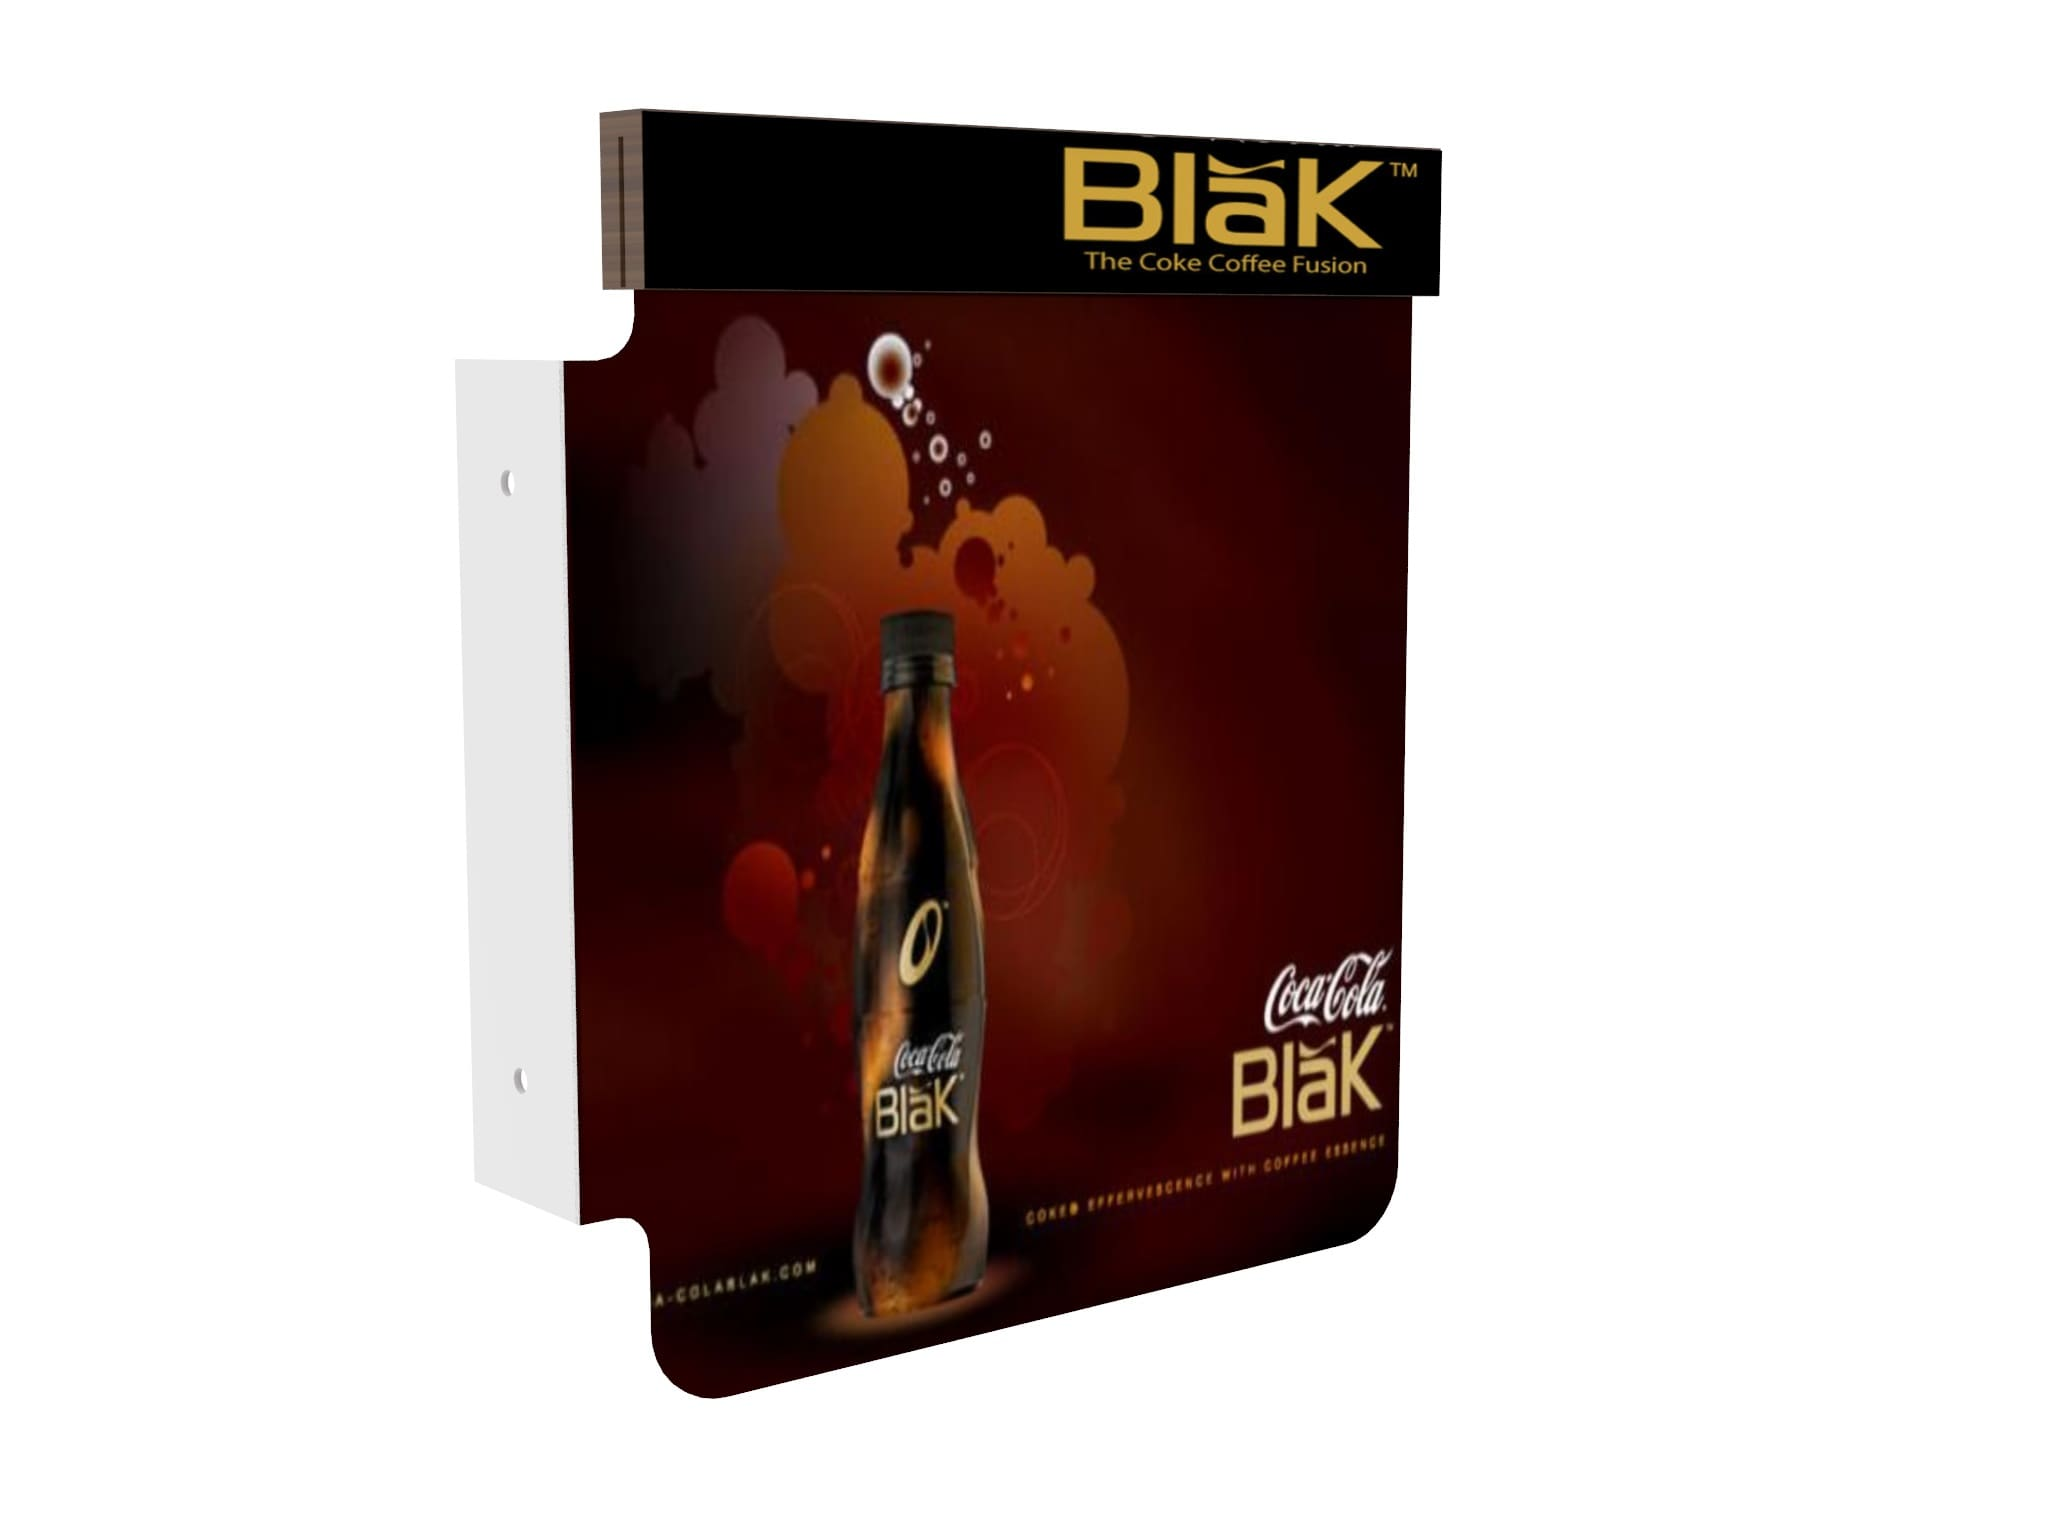 Aplicación de concepto de campaña a multiples piezas como Flanger Blak